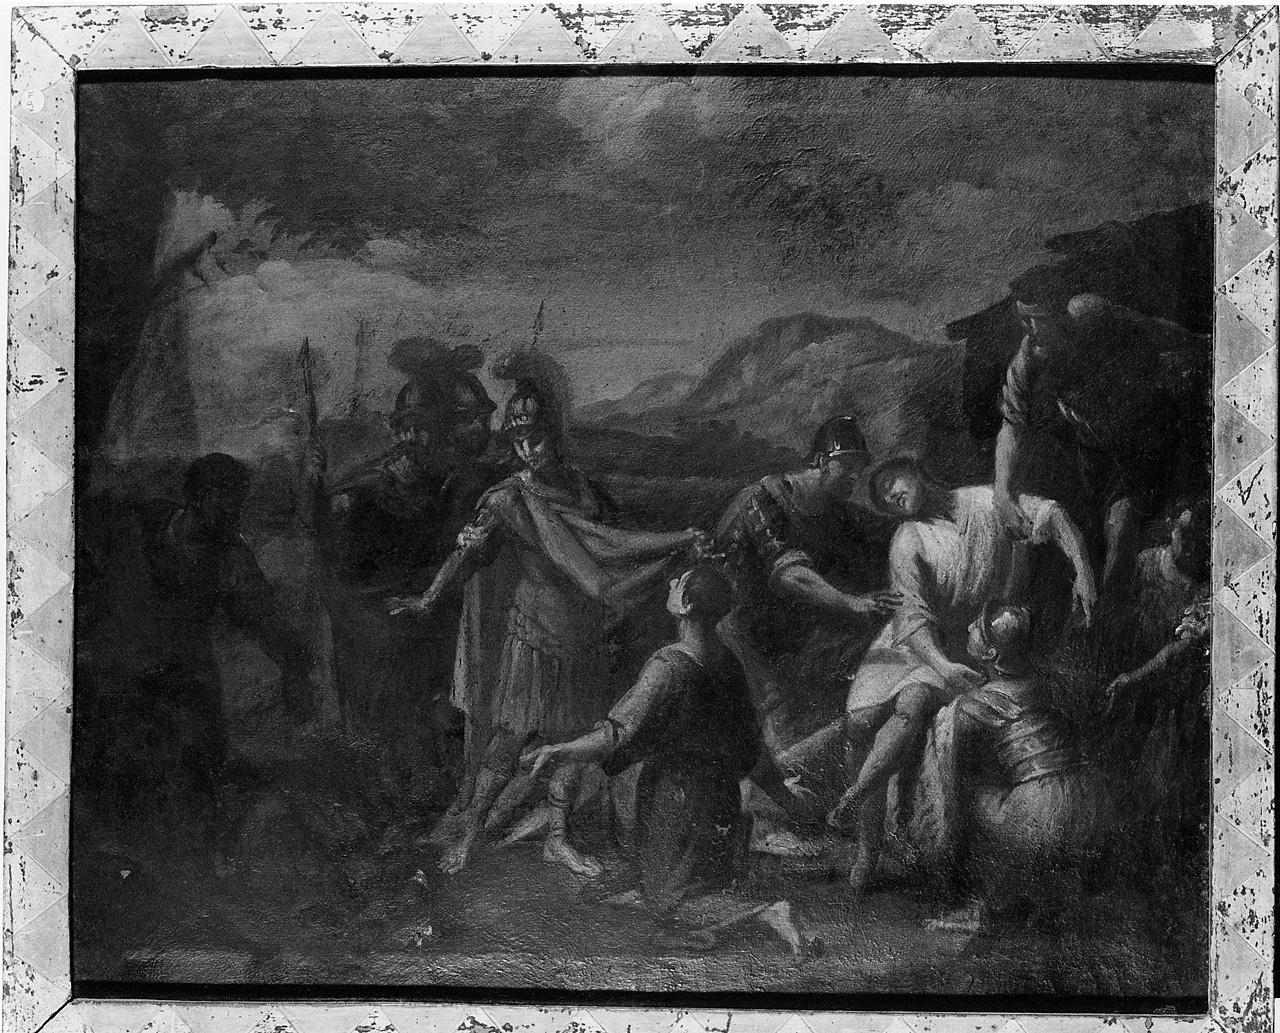 deposizione di Cristo dalla croce (dipinto) - ambito toscano (sec. XVII, seconda metà)